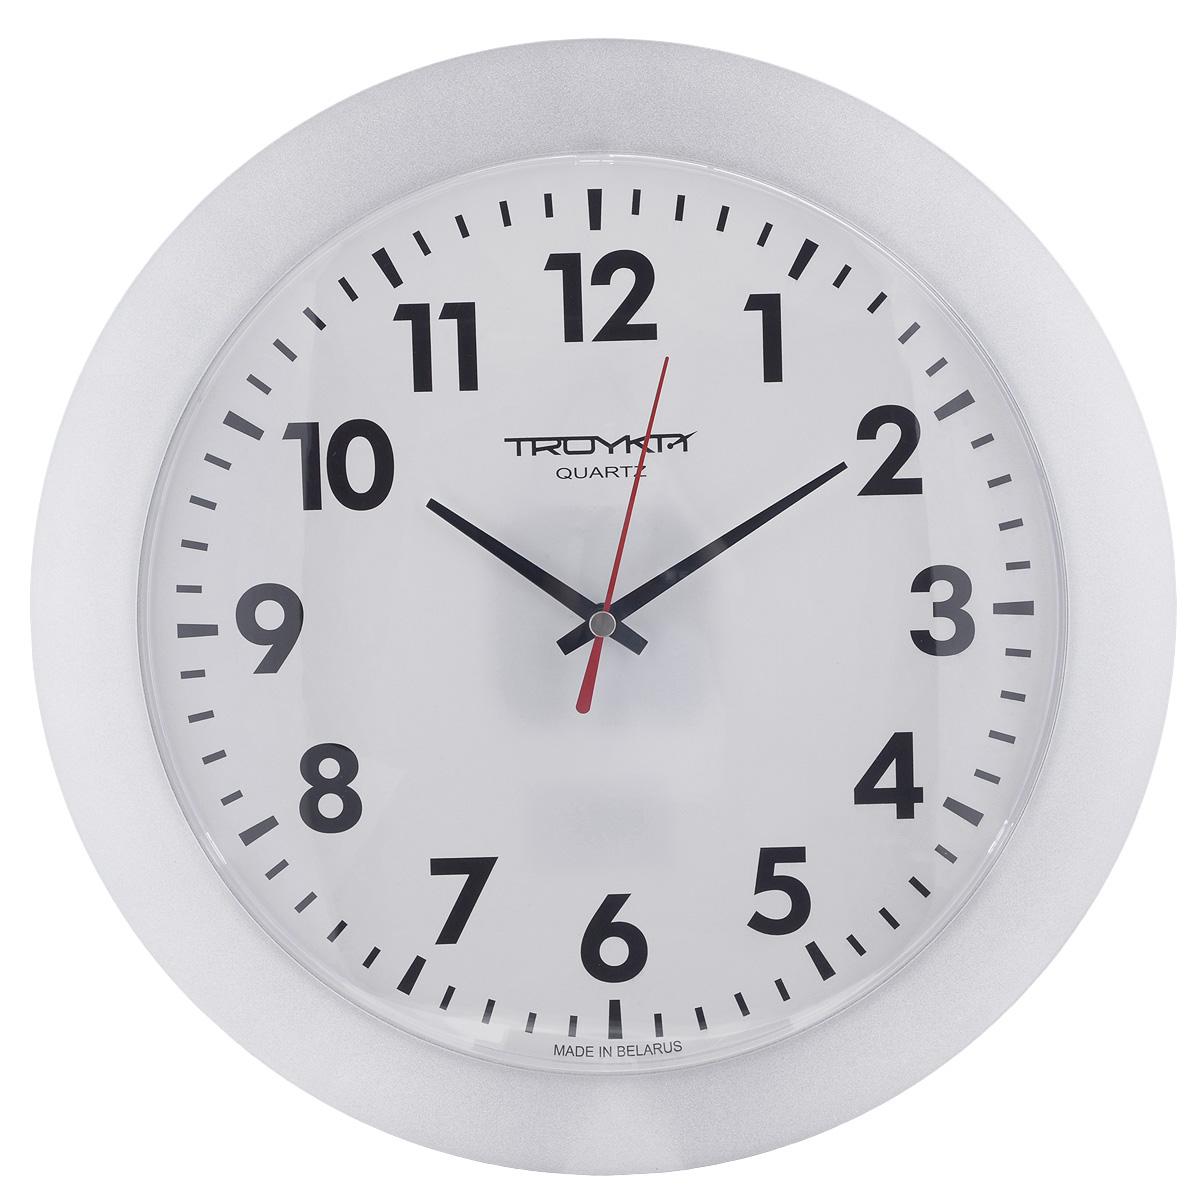 Часы настенные Troyka, цвет:серебритый. 5157051151570511Настенные кварцевые часы с классическим дизайном Troyka, изготовленные из пластика, прекрасно подойдут под интерьер вашего дома. Круглые часы имеют три стрелки: часовую, минутную и секундную, циферблат защищен прозрачным пластиком. Диаметр часов: 30,5 см. Часы работают от 1 батарейки типа АА напряжением 1,5 В (входит в комплект).